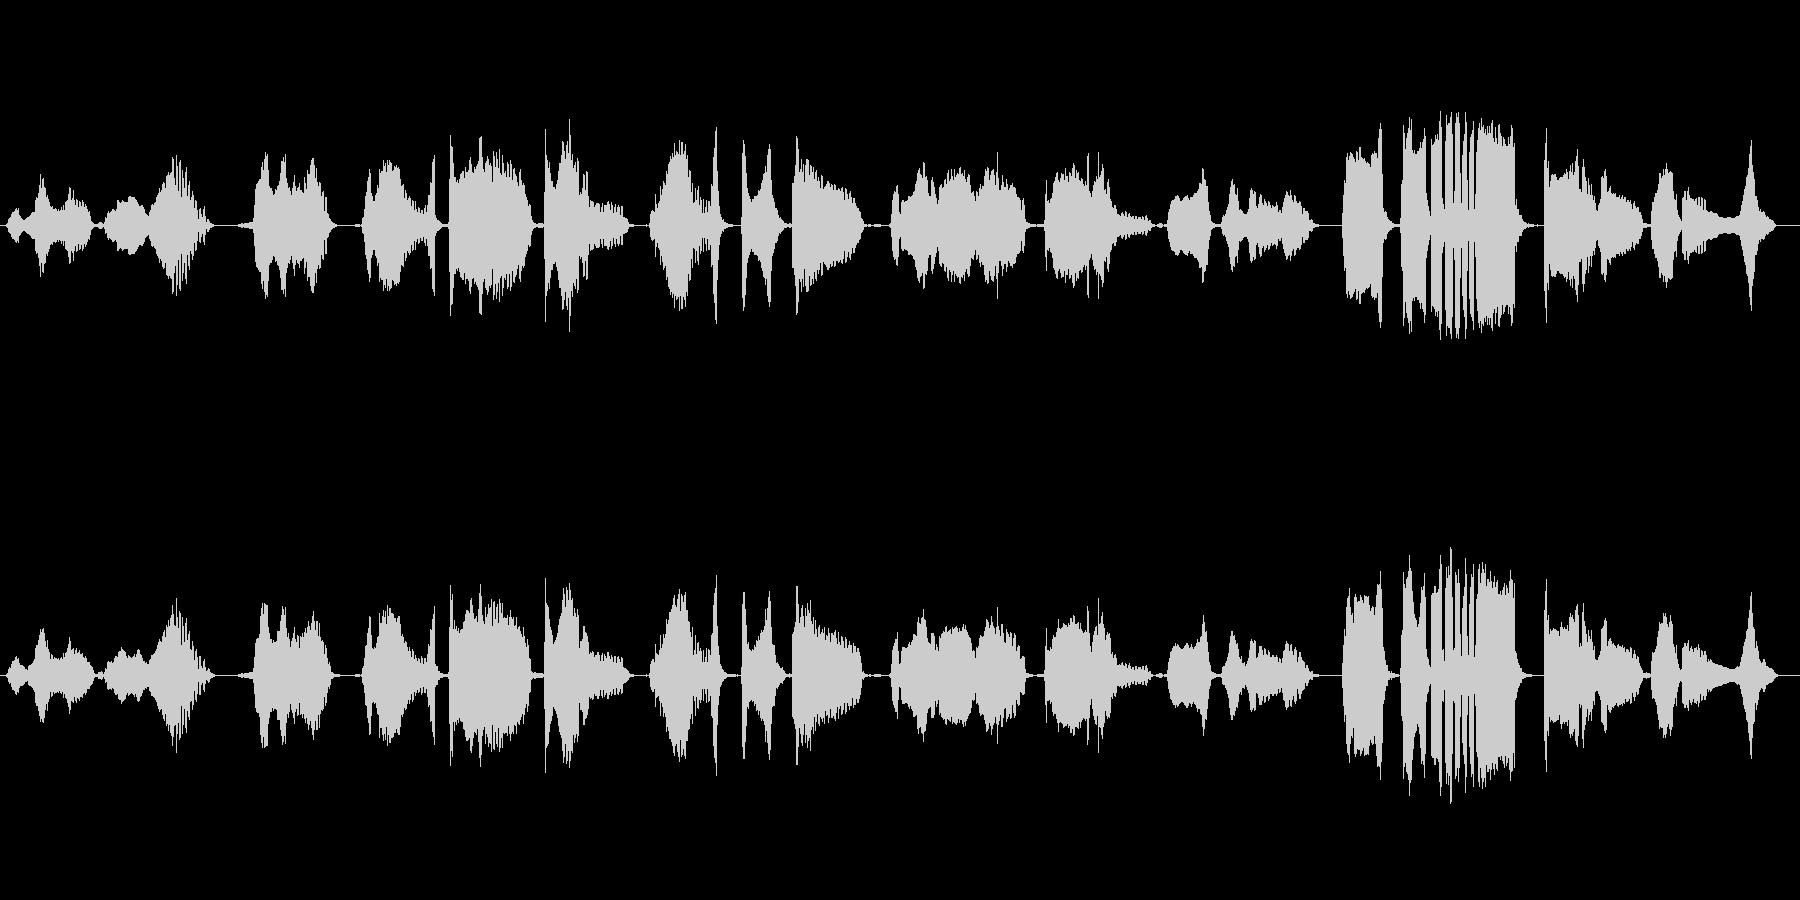 怪談をイメージした篠笛独奏の未再生の波形